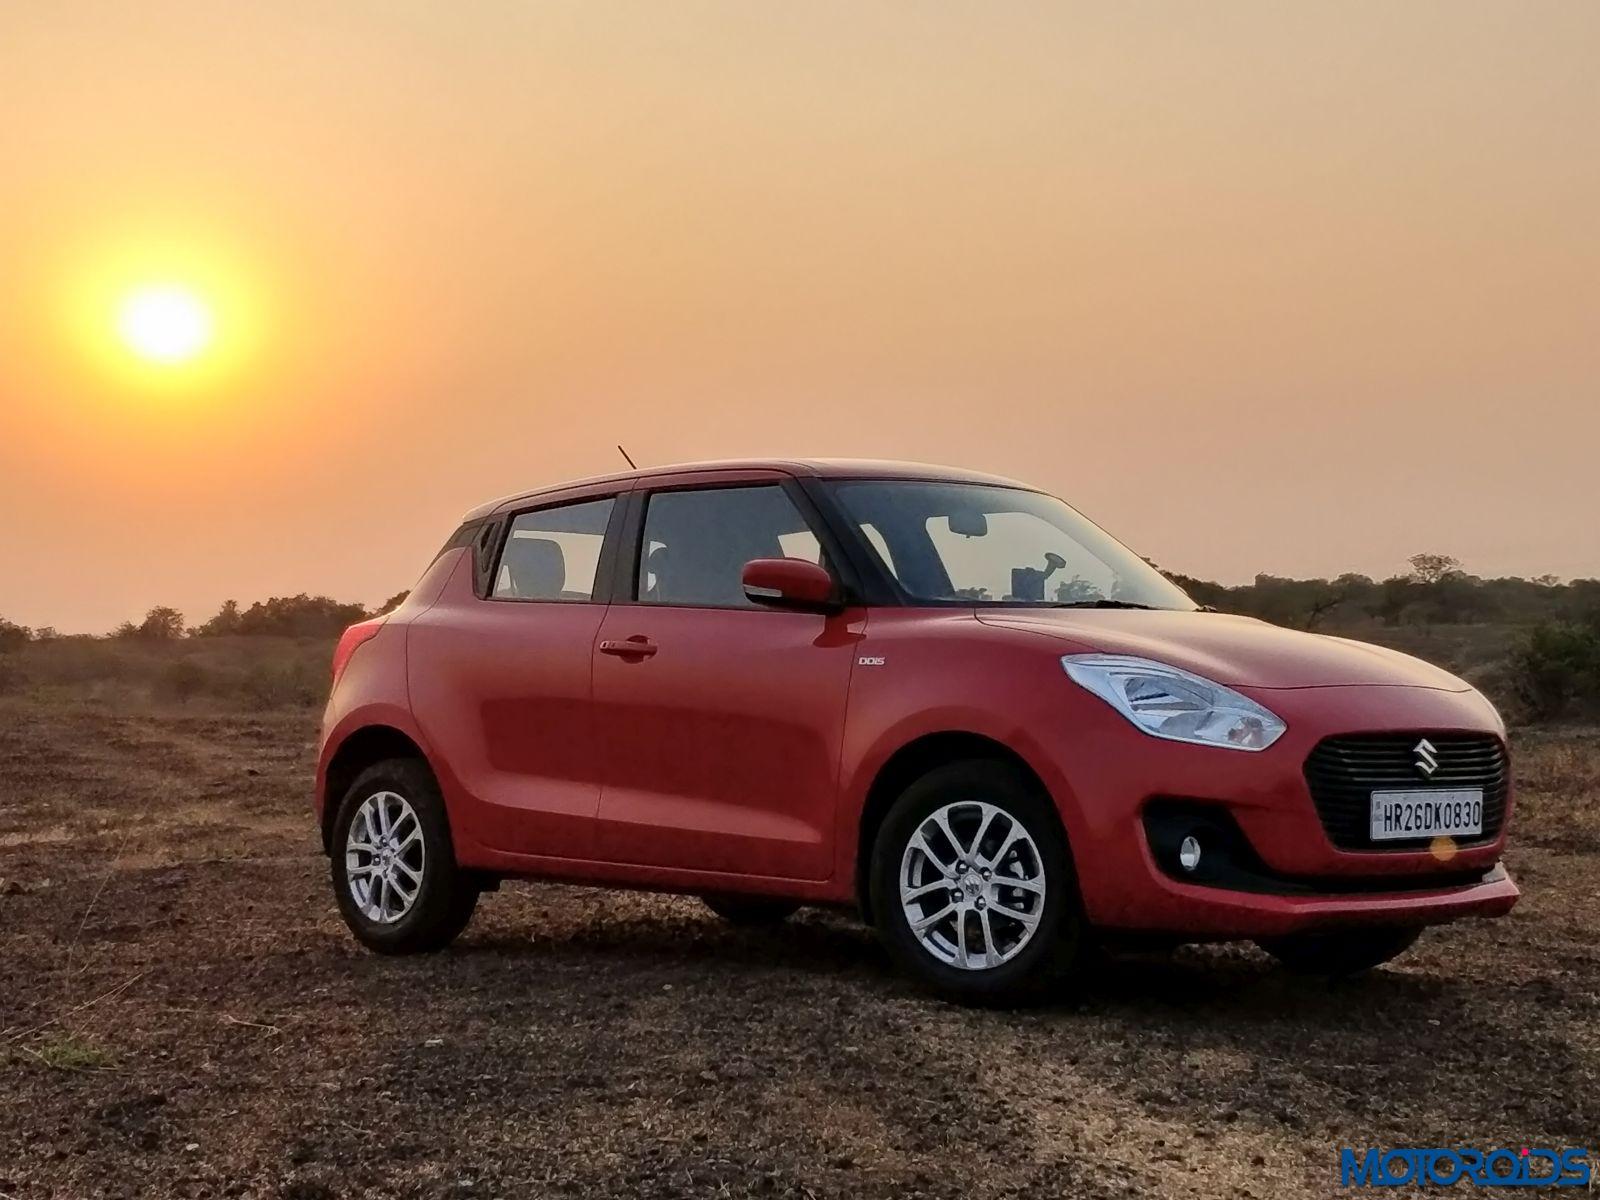 New-2018-Maruti-Suzuki-Swift-First-Drive-16-1